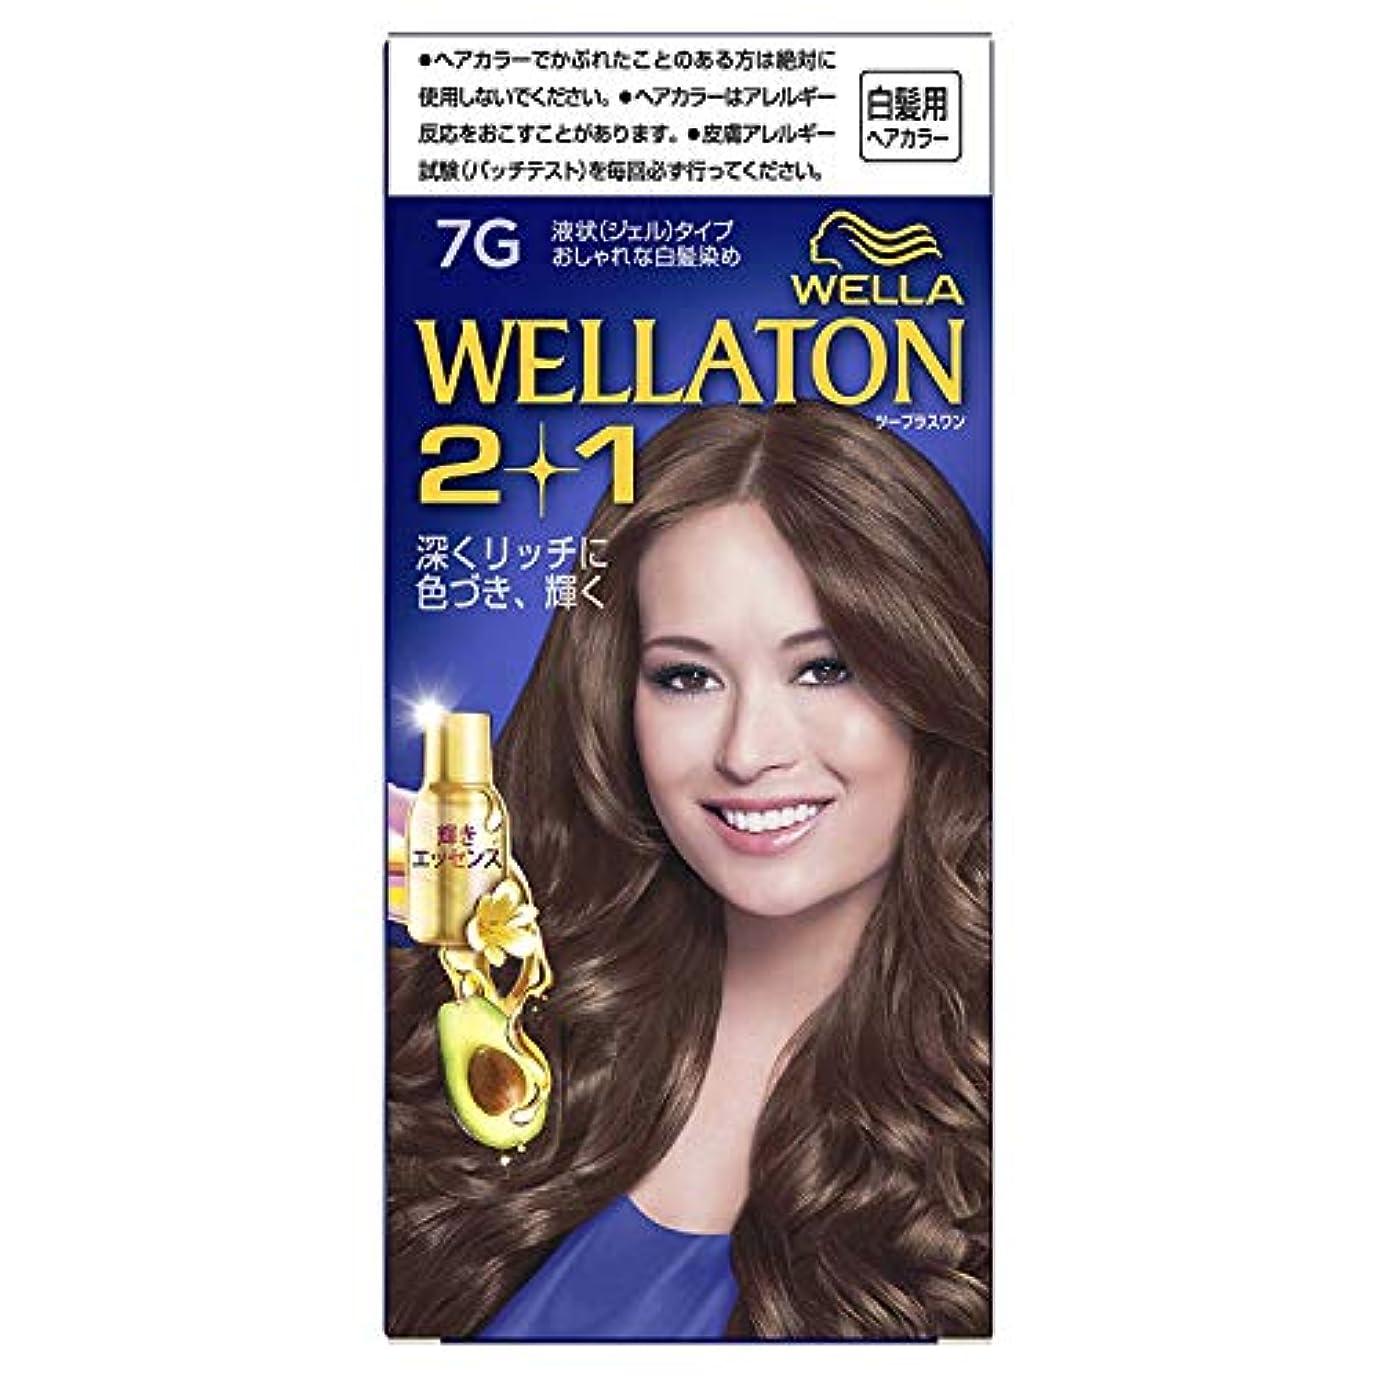 希望に満ちたオークランド魔女ウエラトーン2+1 白髪染め 液状タイプ 7G [医薬部外品] ×3個